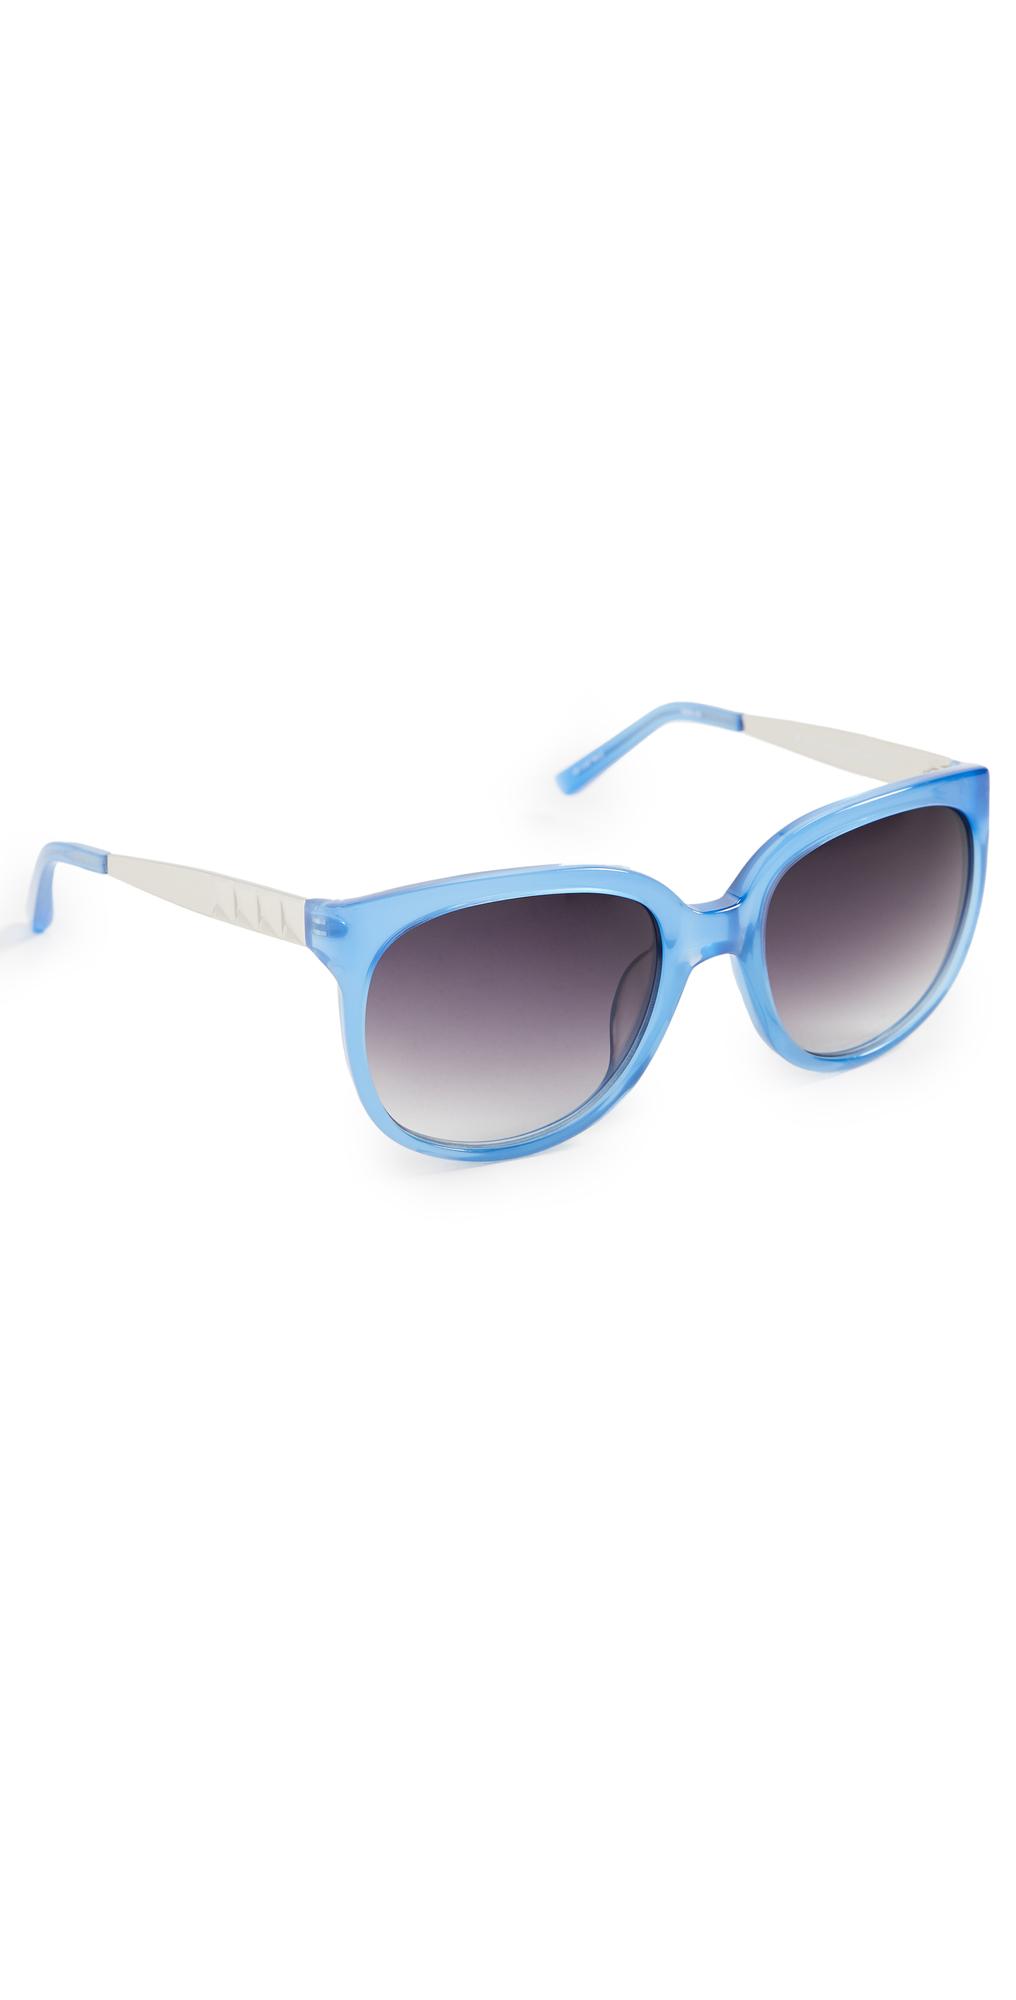 x Matthew Williamson Colorful Sunglasses